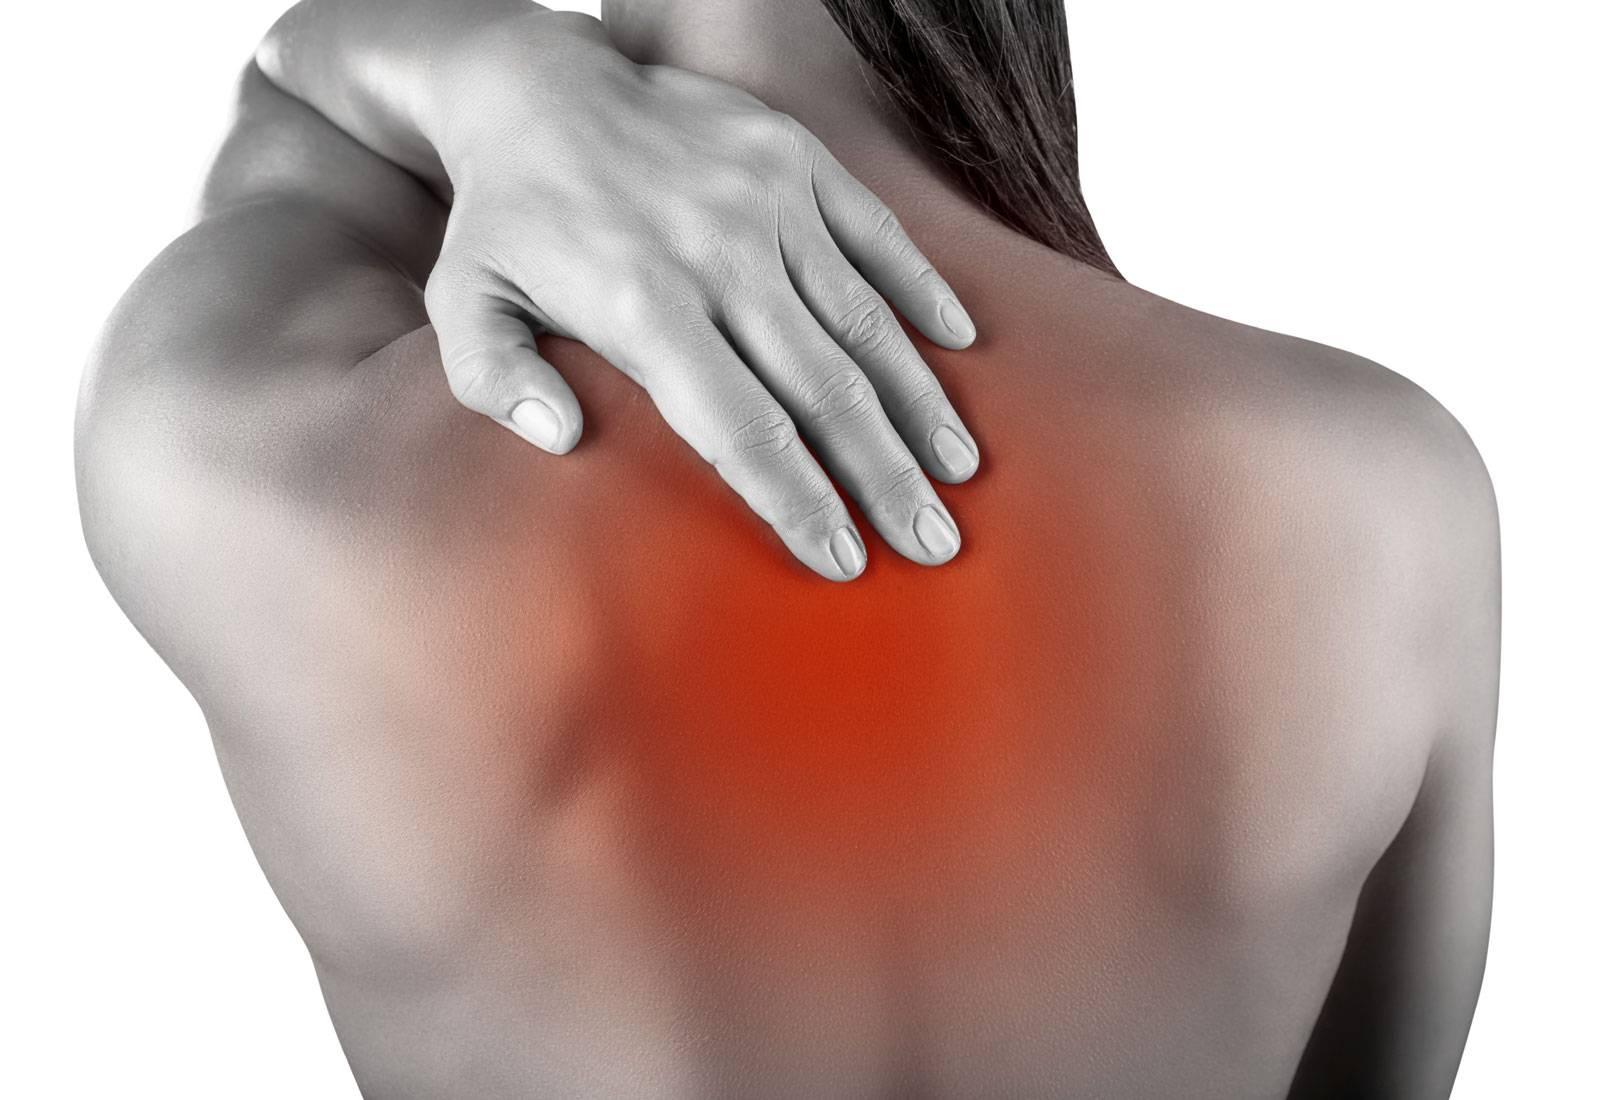 Боли между лопатками в позвоночнике, которые отдают в грудину